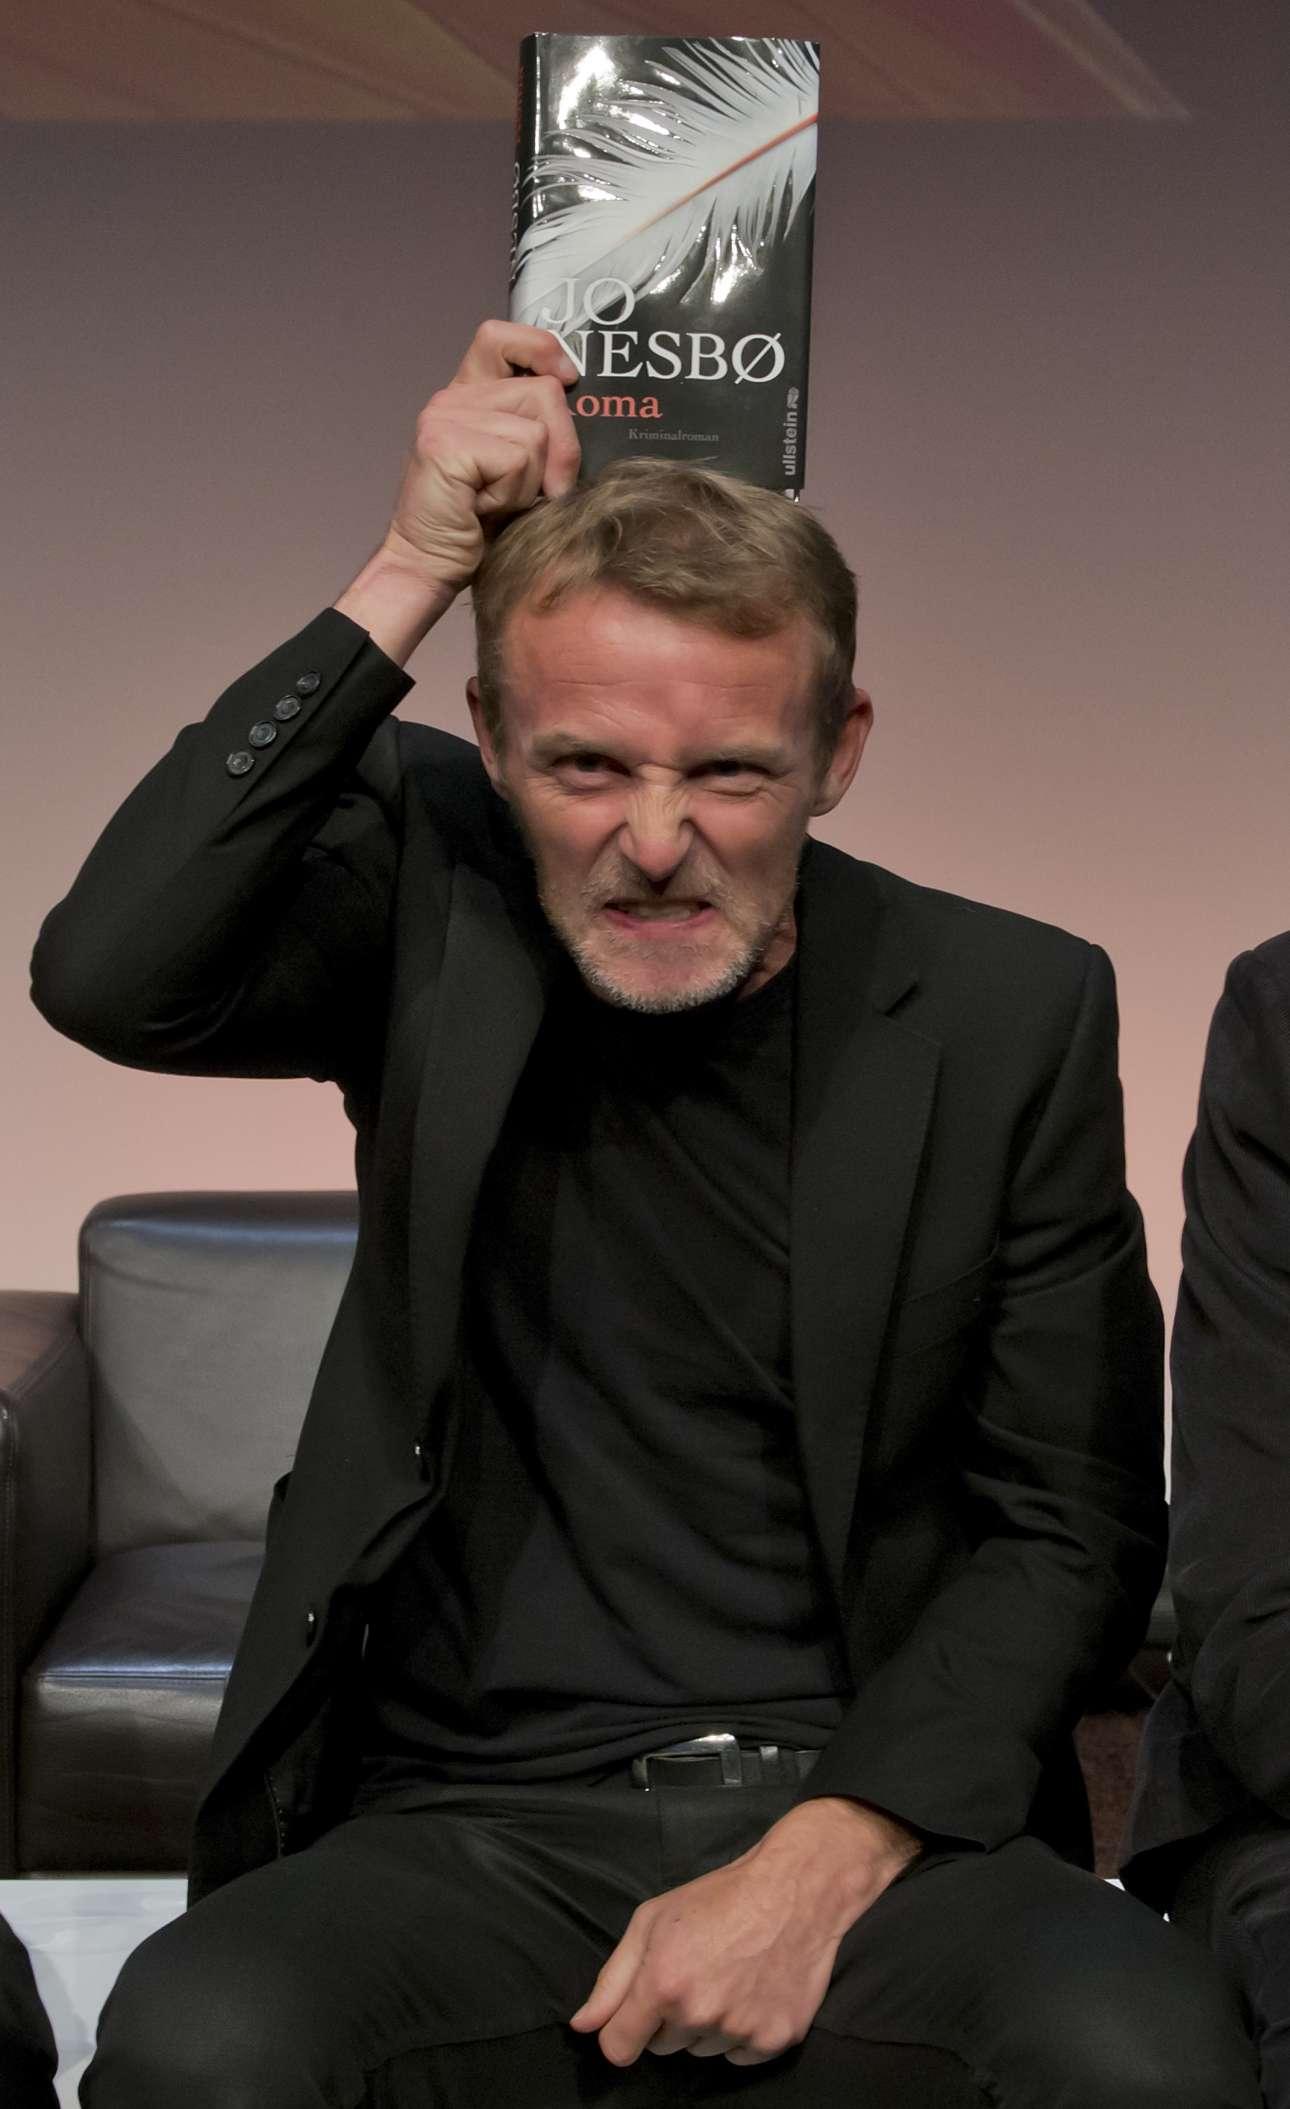 Ο Νέσμπο στην παρουσίαση του βιβλίου του «Koma», τον Νοέμβριο του 2013, στο Μόναχο. Με μία γκριμάτσα... (φωτό: Joerg Koch/Getty Images/Ideal Images)